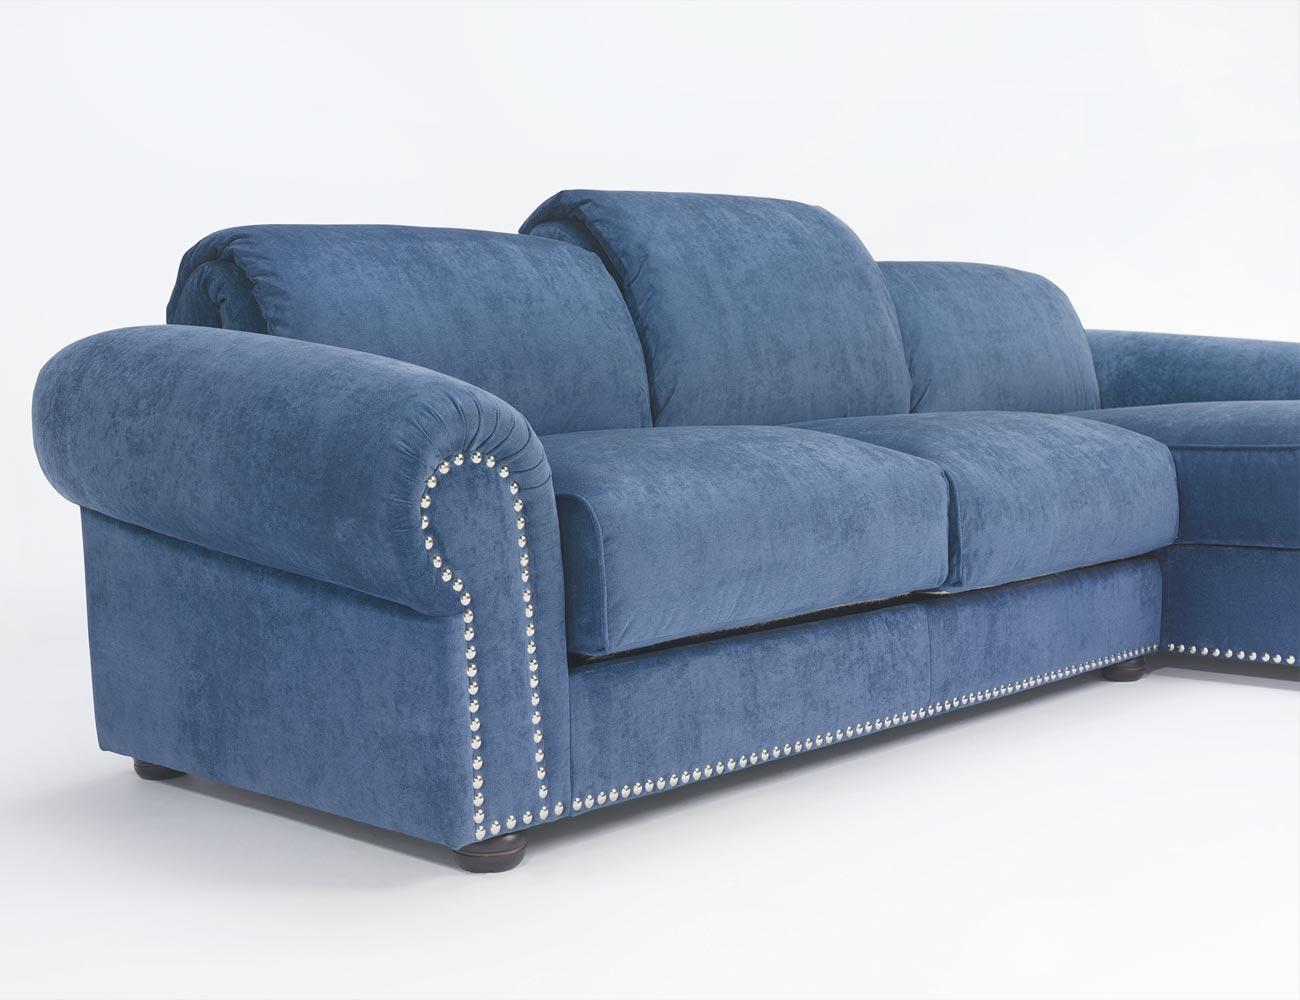 Sofa chaiselongue gran lujo decorativo azul 125